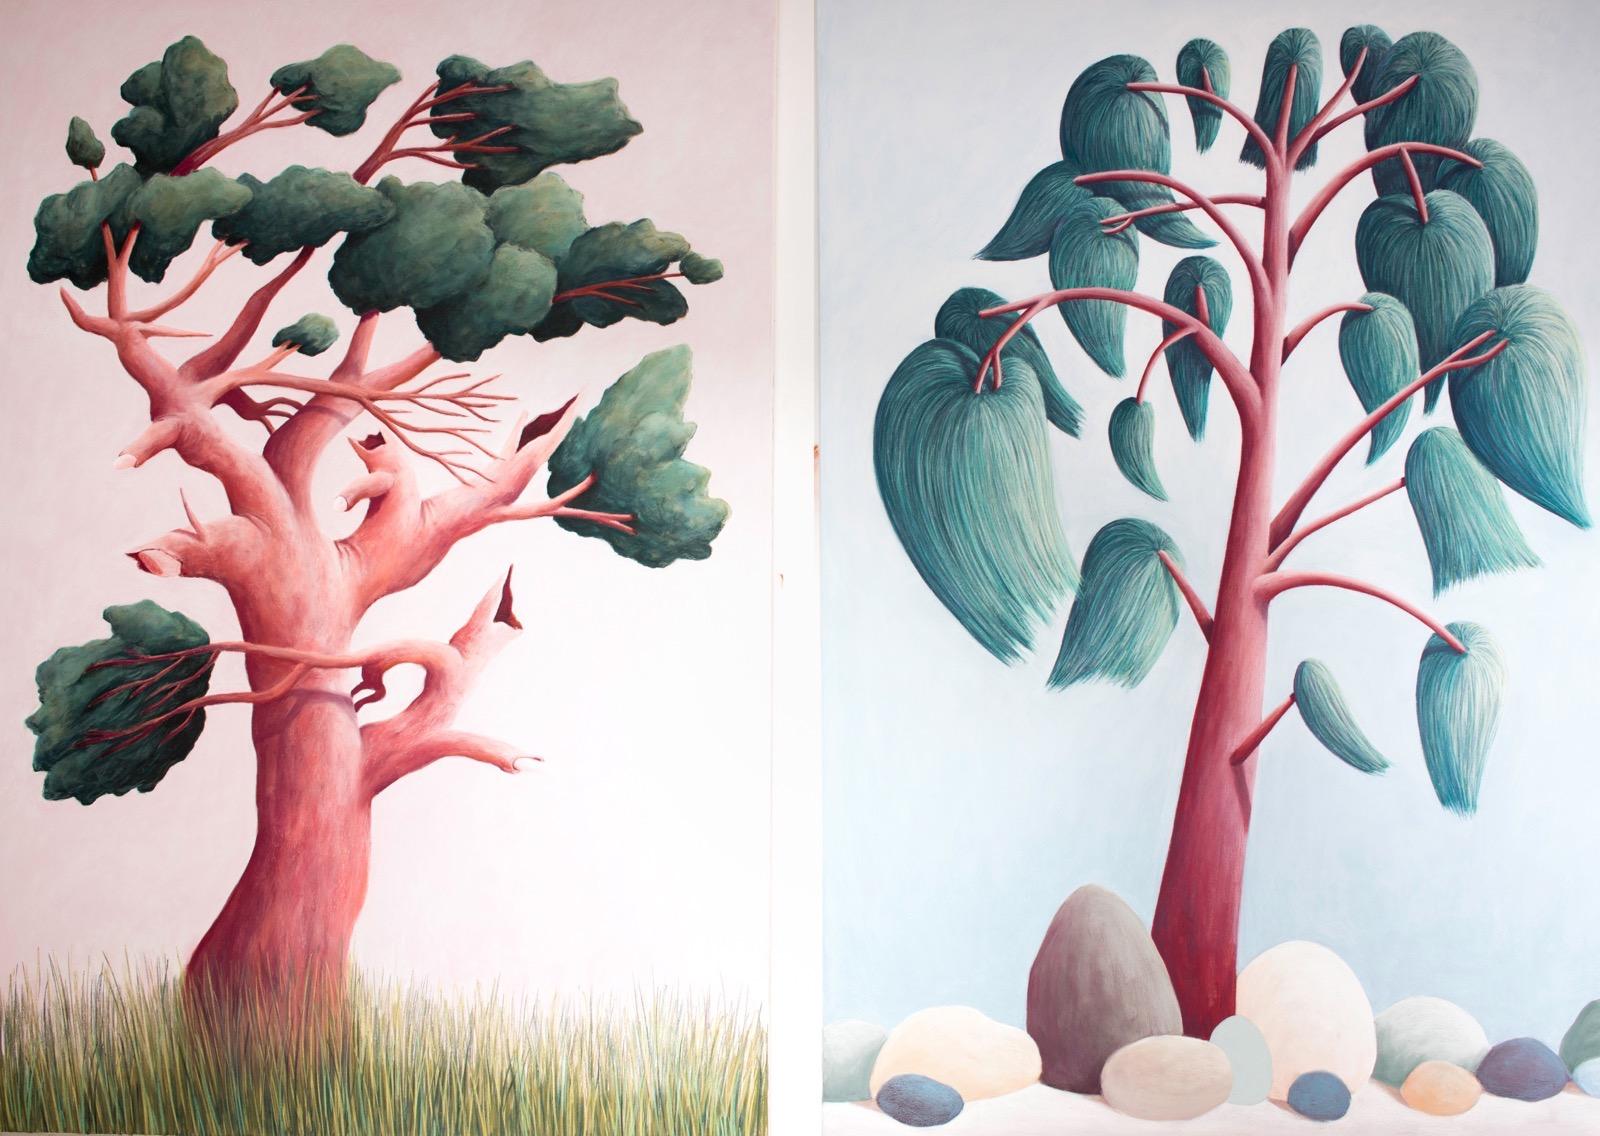 Nicolas Party artworks